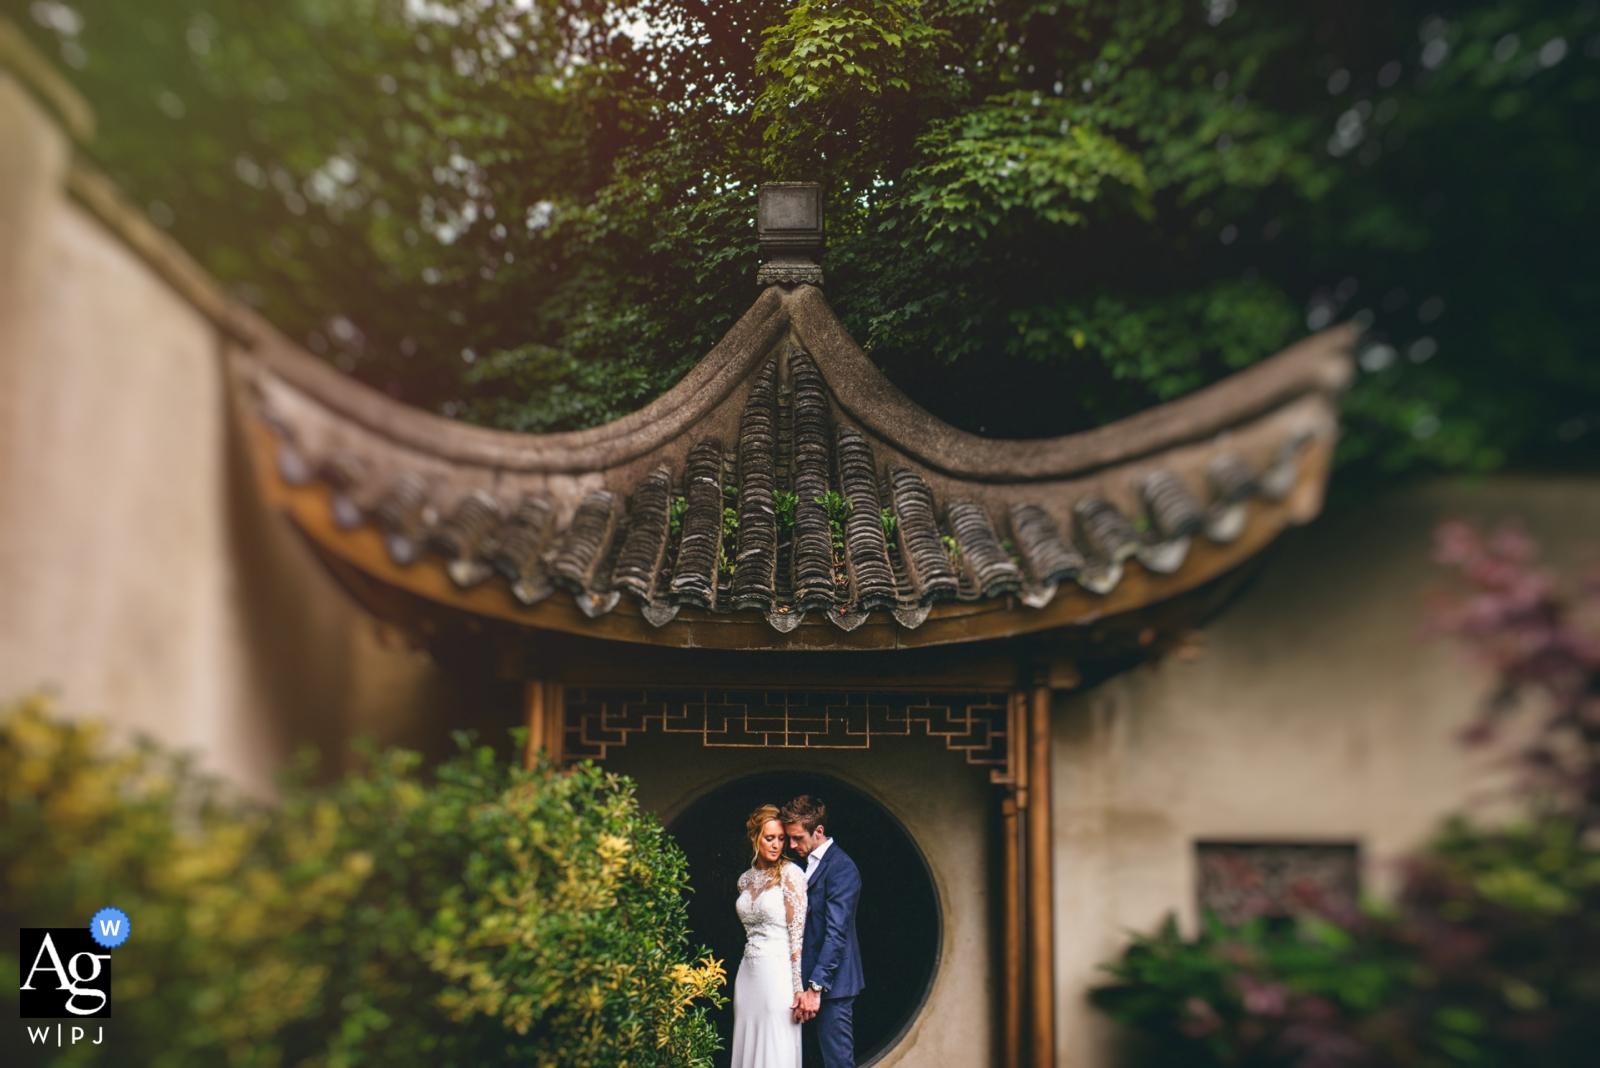 Martra Centre - Fotos de la boda en el Reino Unido - Una pareja abrazándose desde atrás en el arco japonés